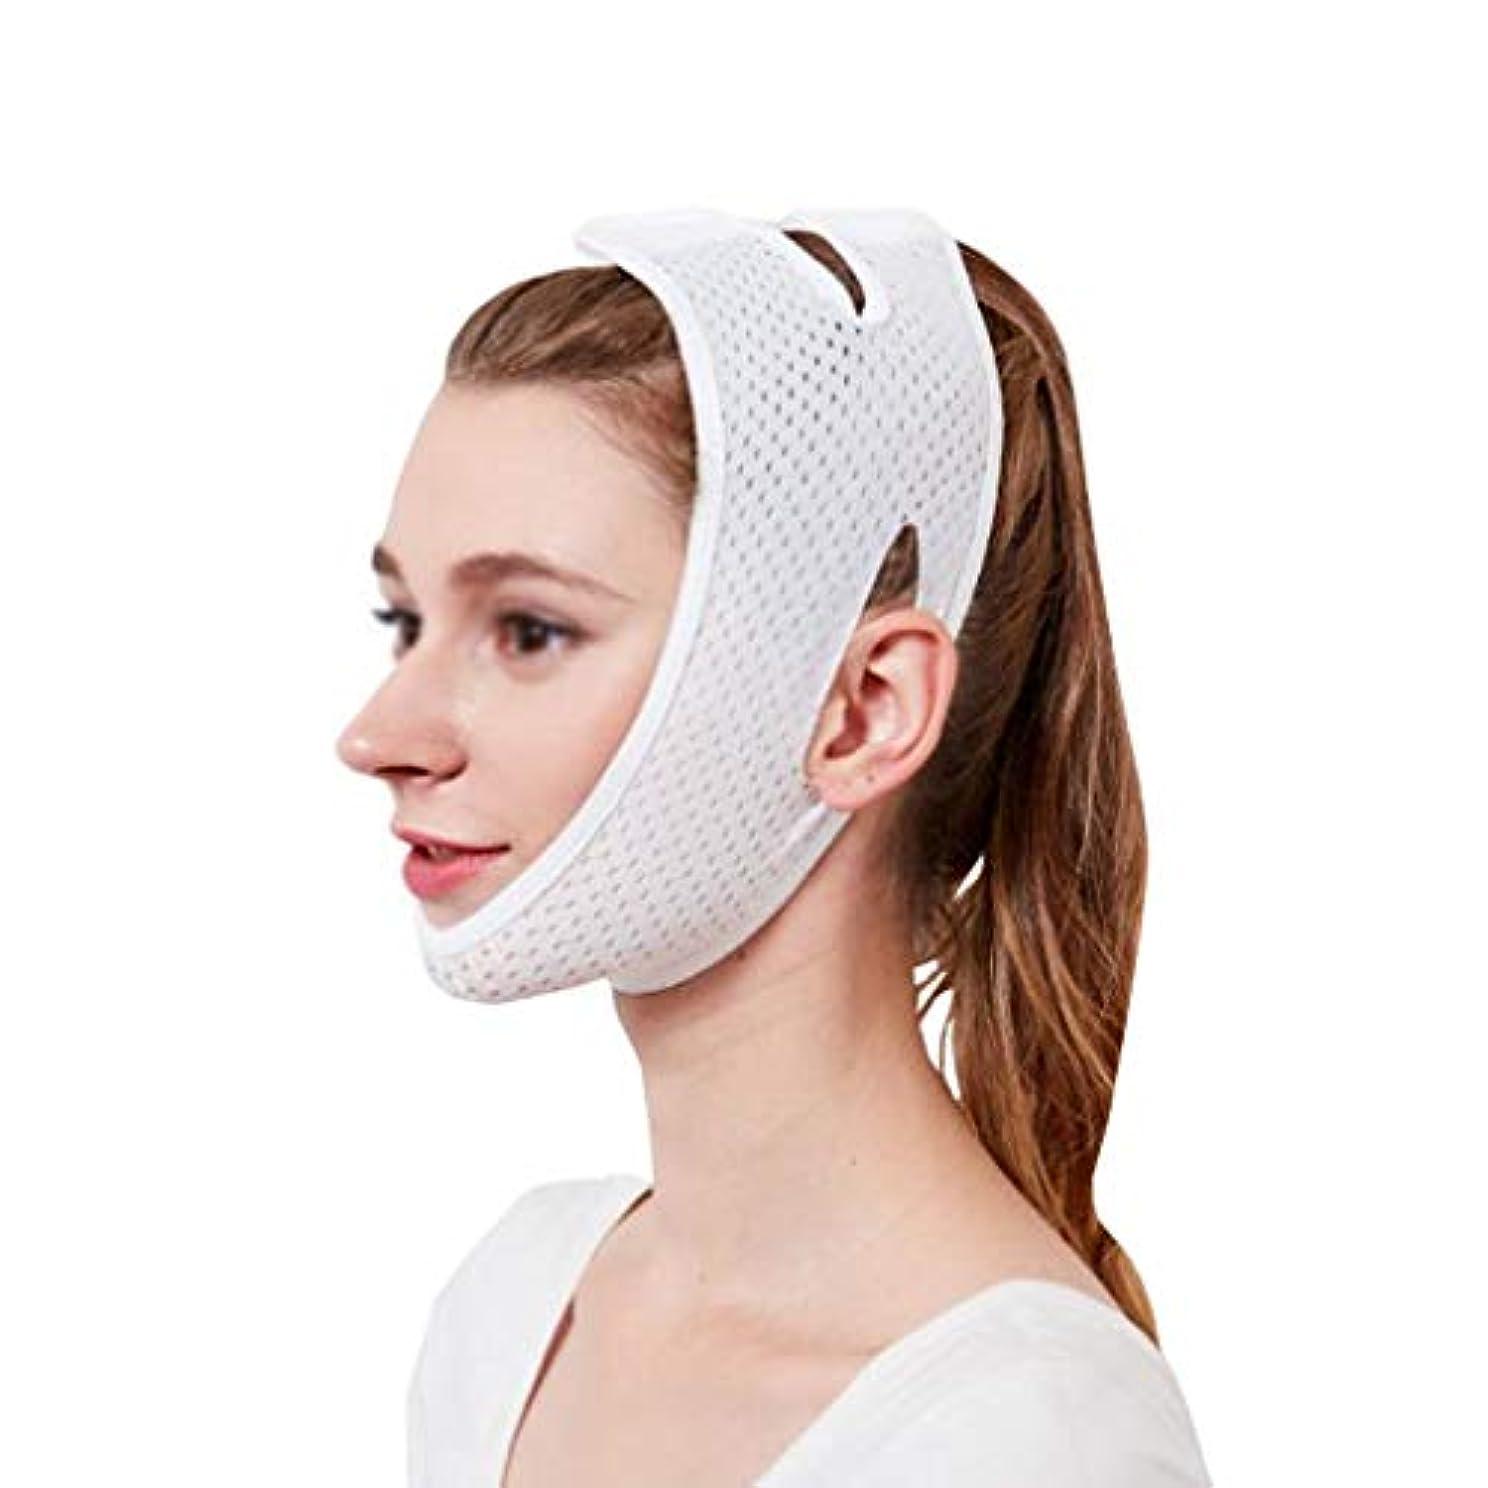 赤ちゃんハブまもなくZWBD フェイスマスク, 薄いフェイスマスク通気性睡眠ベルトアーティファクト包帯小さなVフェイス薄いダブルチンリフトフェイスマスク引き締めフェイスマスク